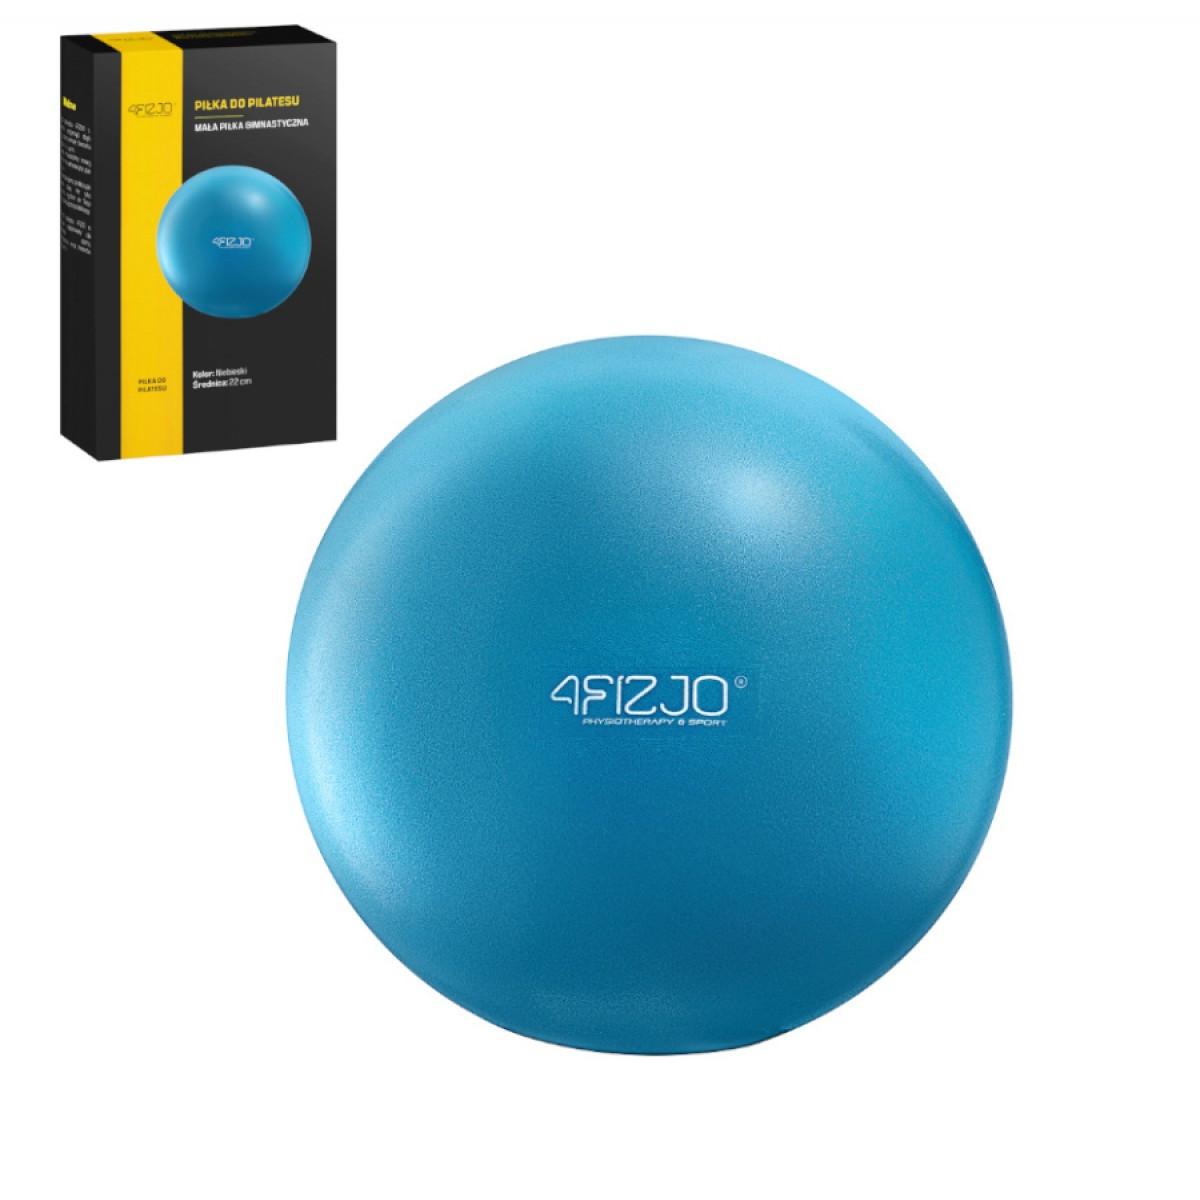 Мяч для пилатеса, йоги, реабилитации 4FIZJO 22 см 4FJ0140 синий. Гимнастический мяч спортивный, шар